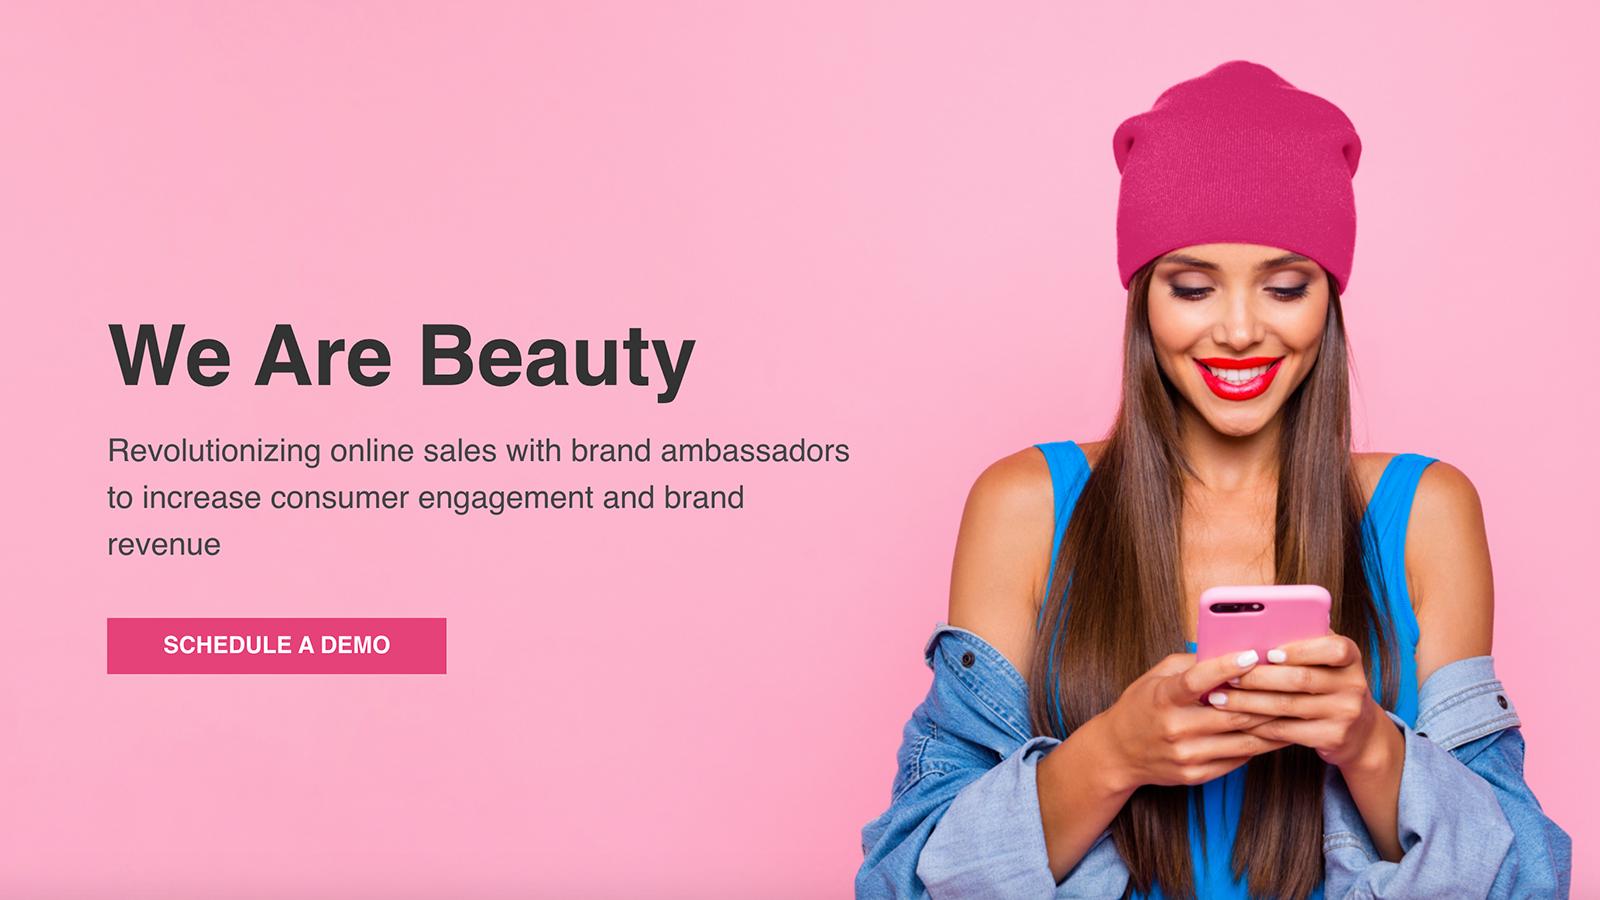 オンライン上でも店舗と同様の顧客体験を。メイクアップアーティストと顧客をつなげるMagnet Beauty